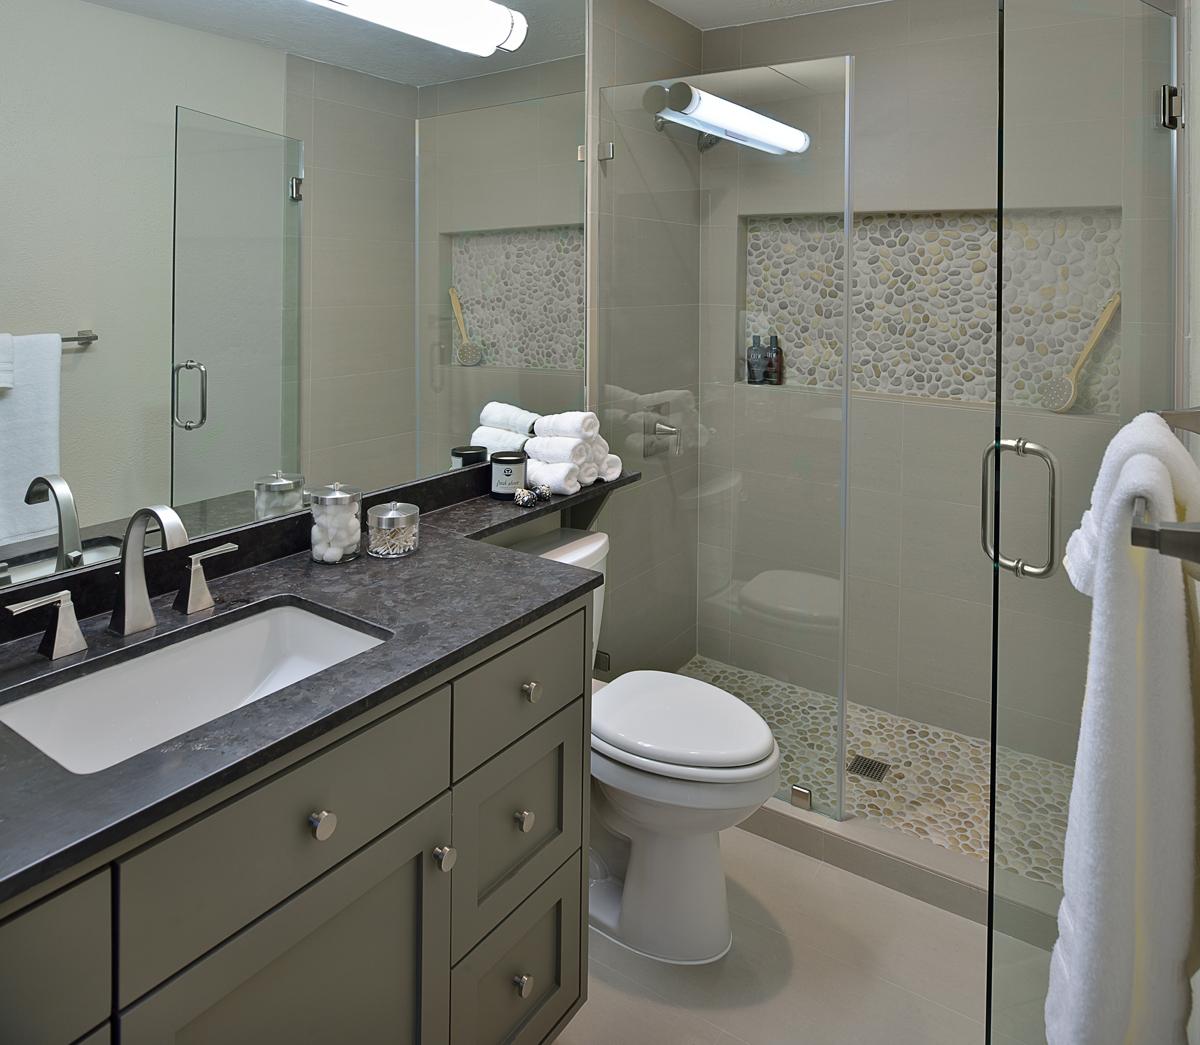 Design Plan For A 5 X 10 Standard Bathroom Remodel — DESIGNED